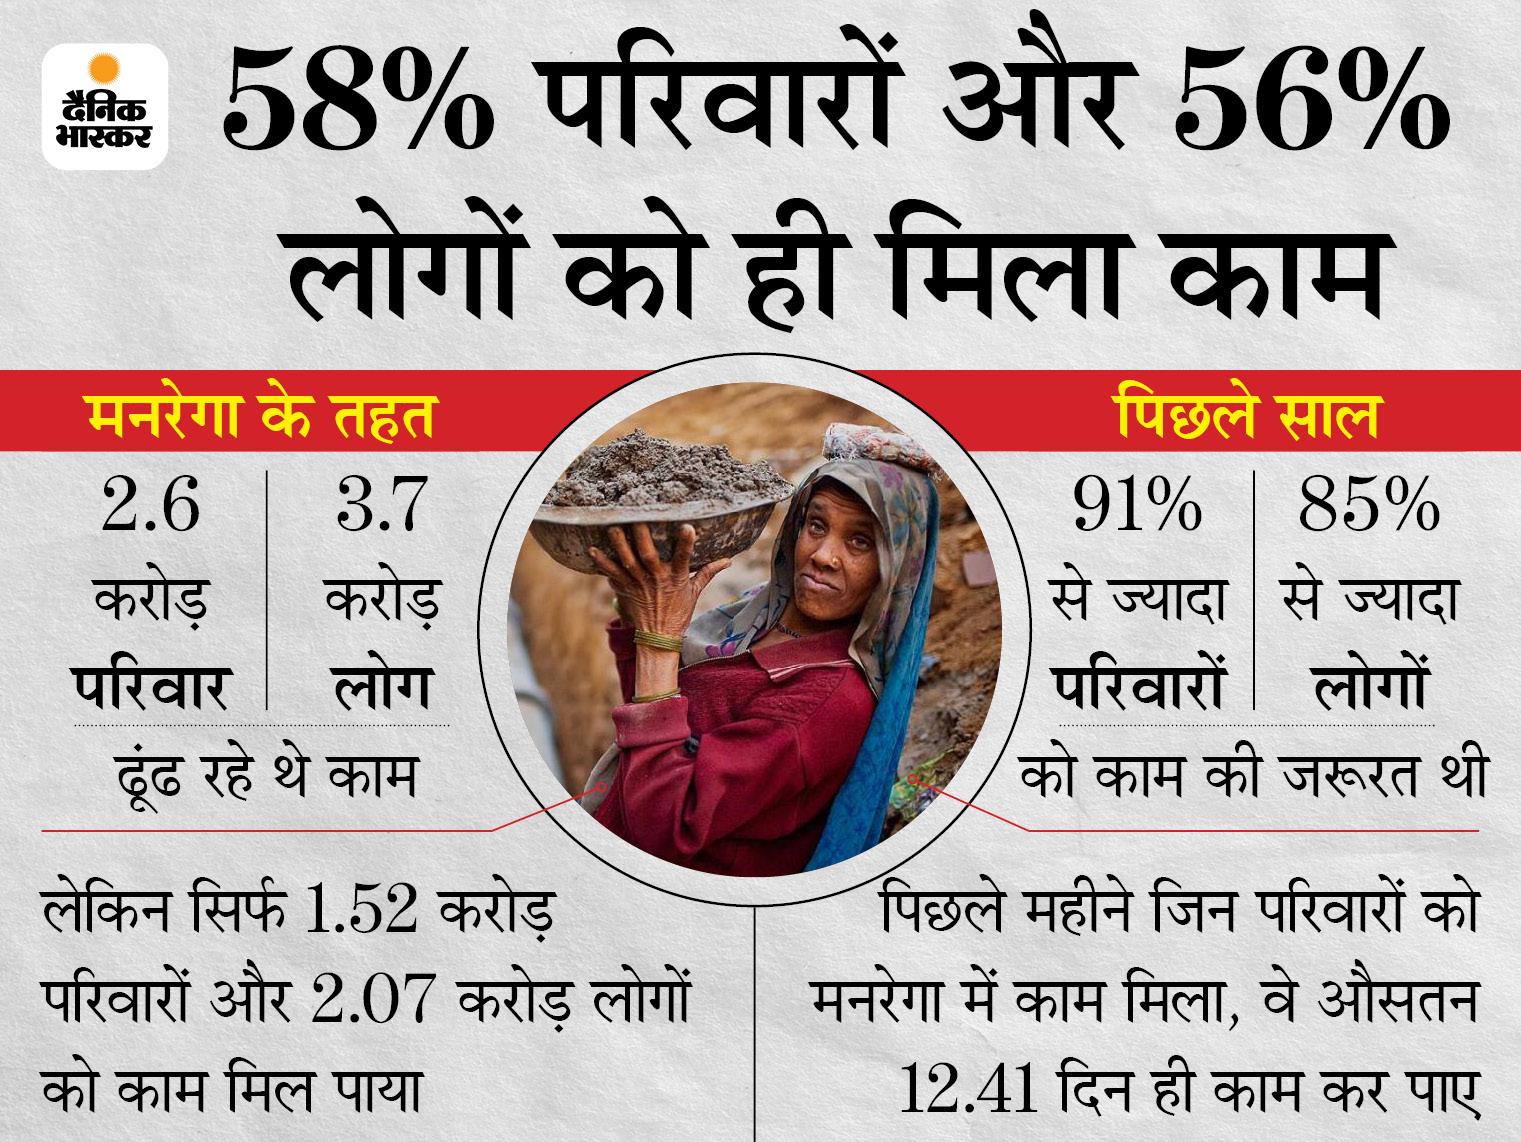 मनरेगा में काम मांगने वालों की संख्या सात साल में सबसे ज्यादा, कोविड के चलते मजदूरों का गांव लौटना सबसे बड़ी वजह|बिजनेस,Business - Dainik Bhaskar